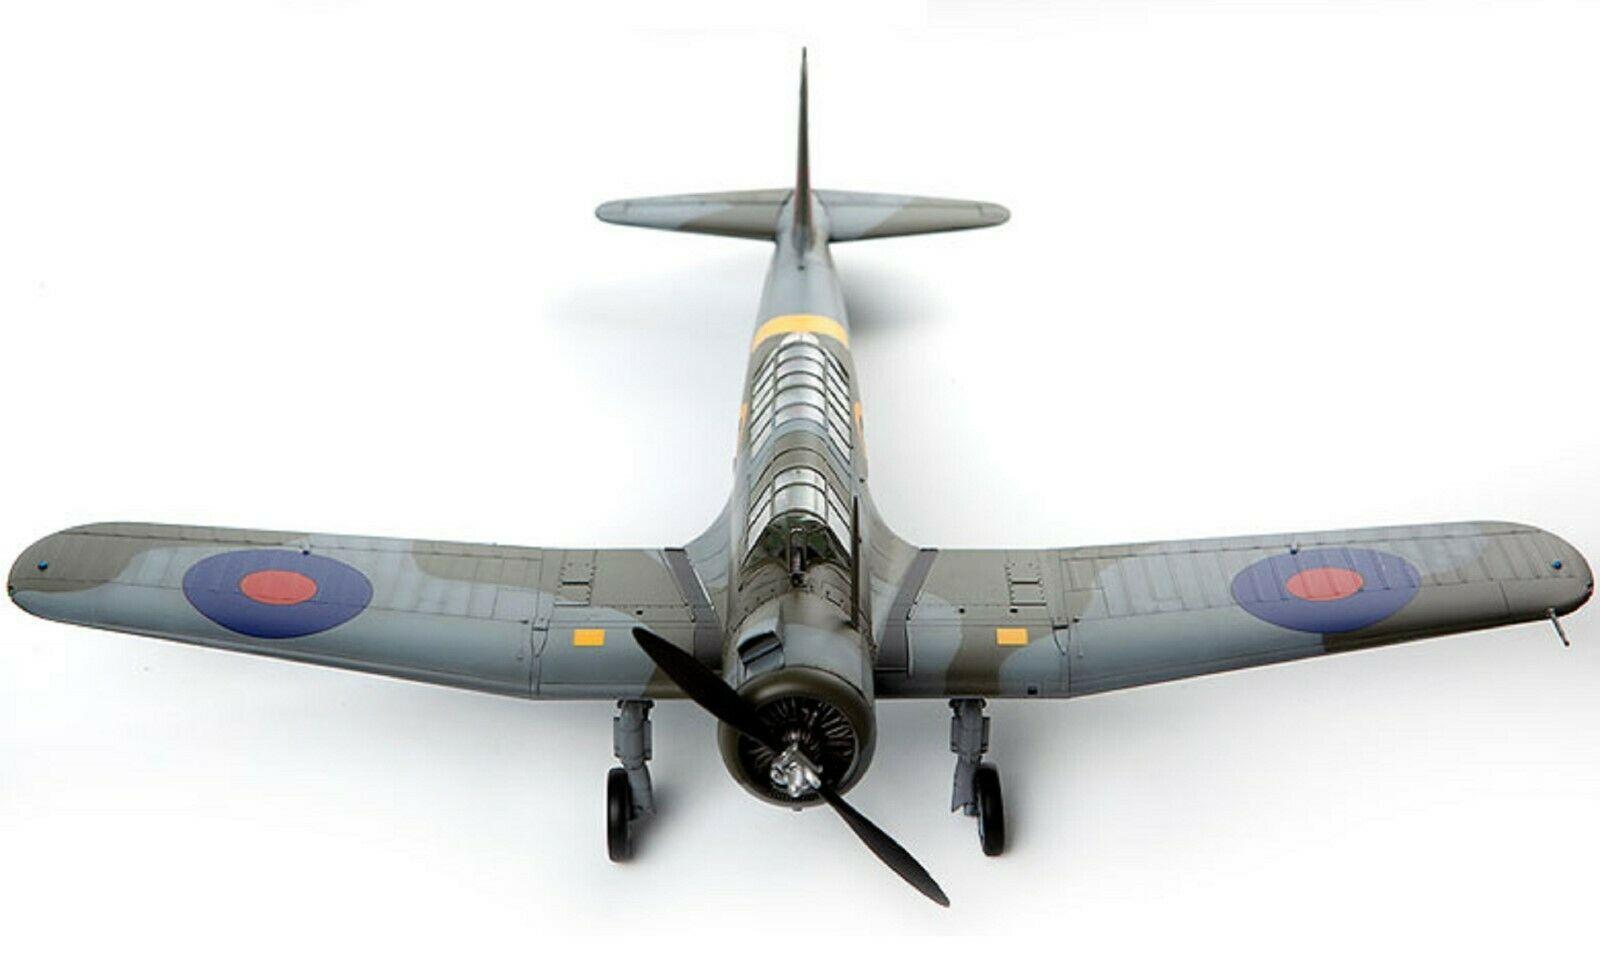 Academy 12330 V-156-B1 Chesapeake Plamodel Plastic Hobby Model Airplane Kit Toy